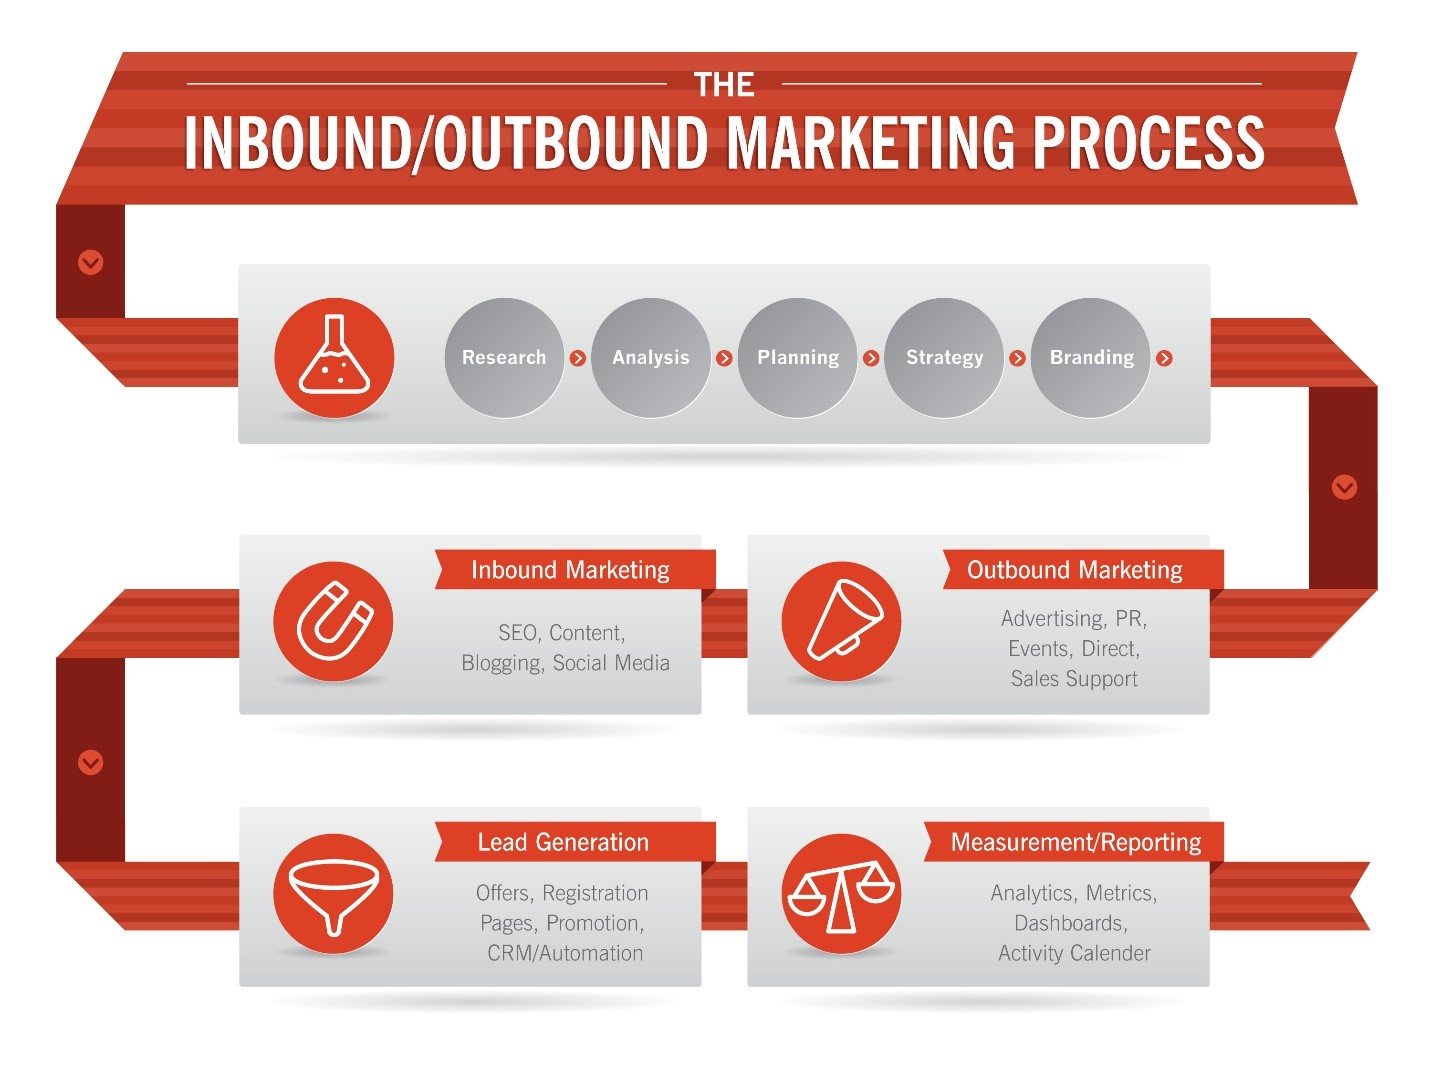 inbound-outbound_marketing_process.jpg